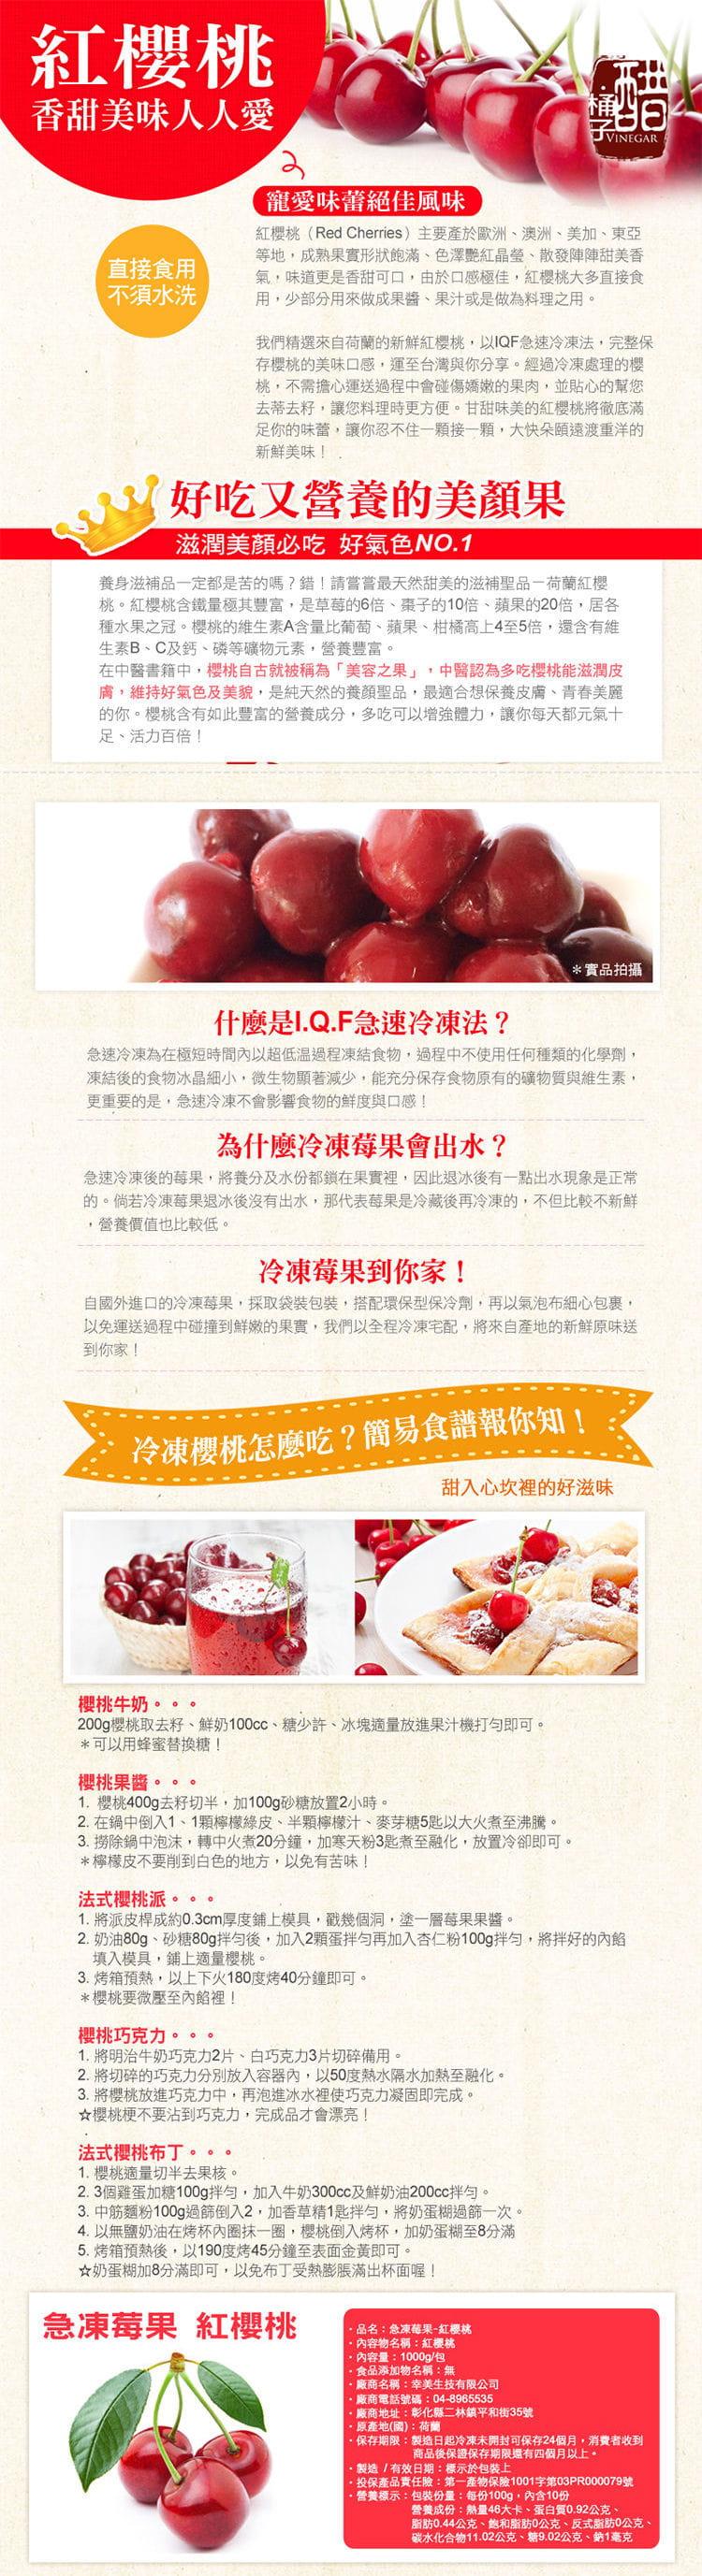 【幸美生技】進口鮮凍花青莓果重量包任選 7